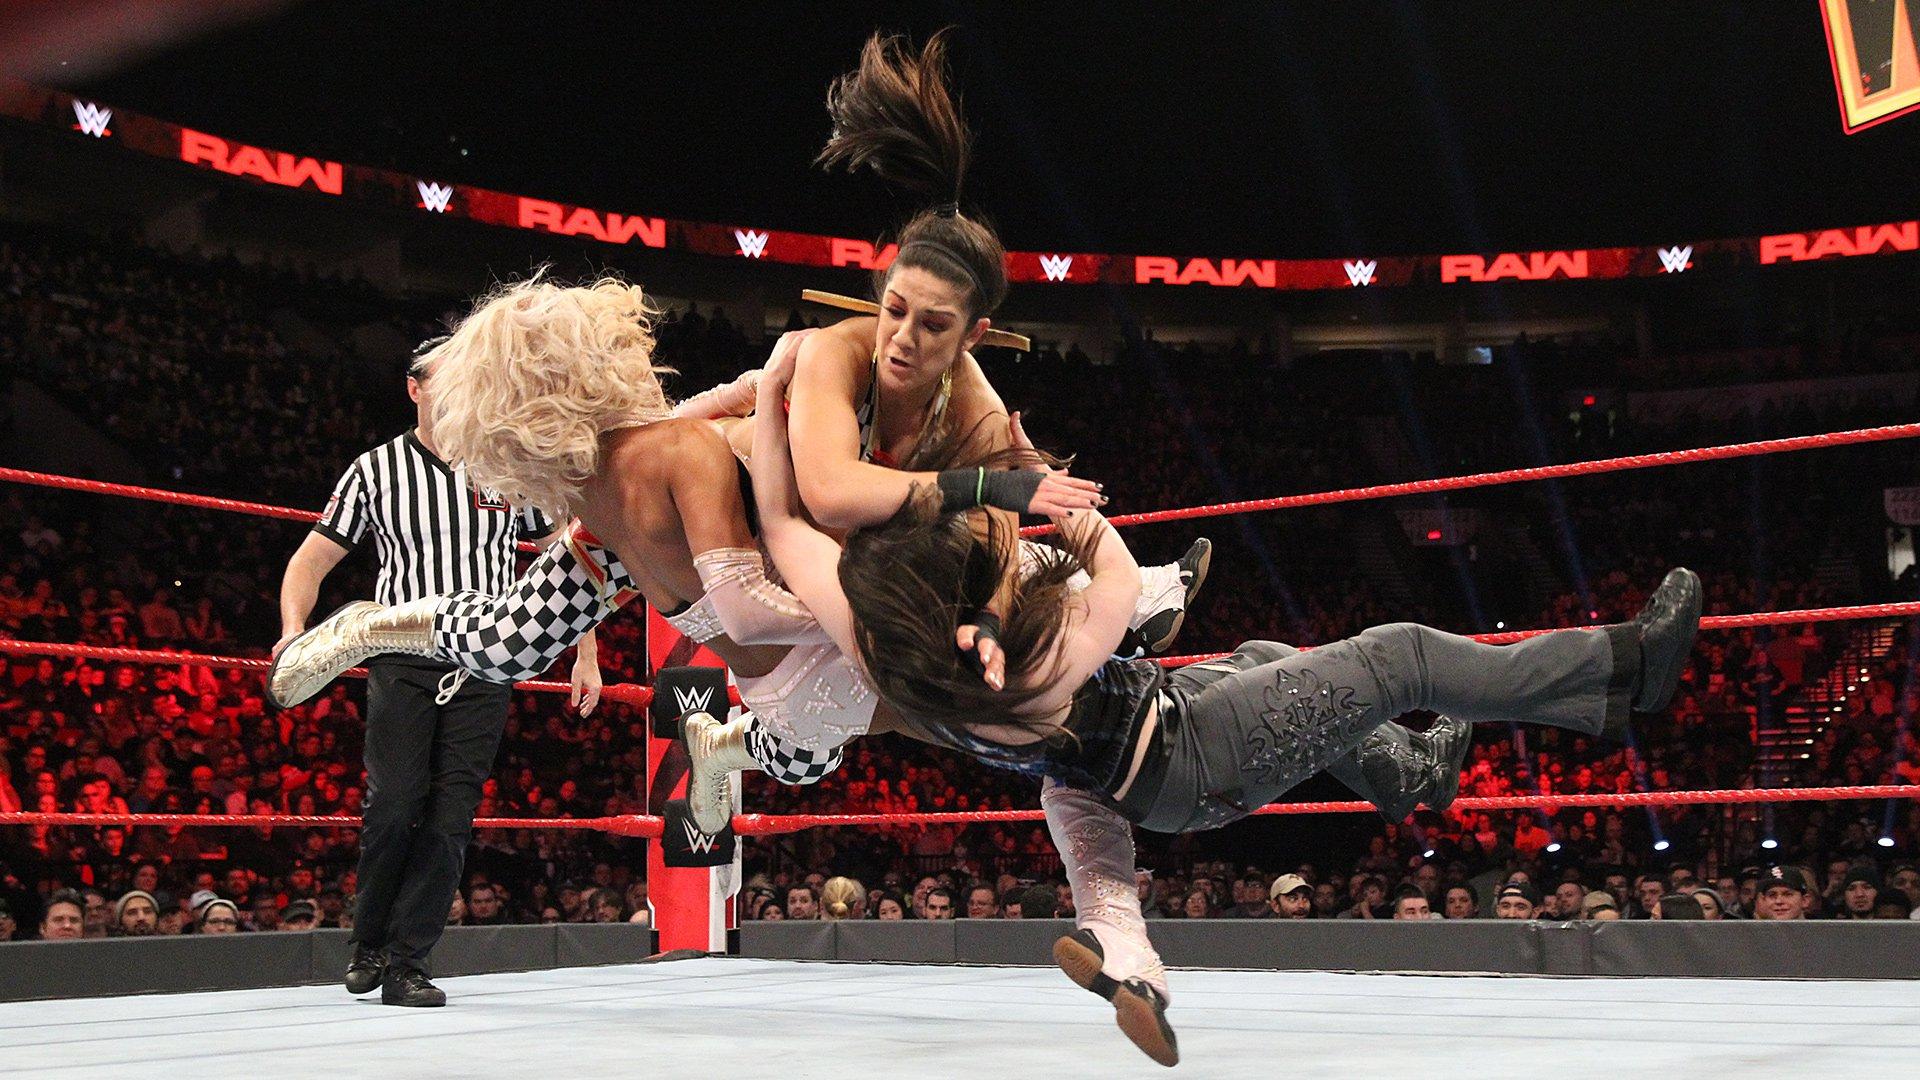 Sasha Banks & Bayley vs. Alicia Fox & Nikki Cross -  Match de Qualification pour l'Elimination Chamber pour les Titres par Équipes Femme de la WWE, 4 Fev 2019